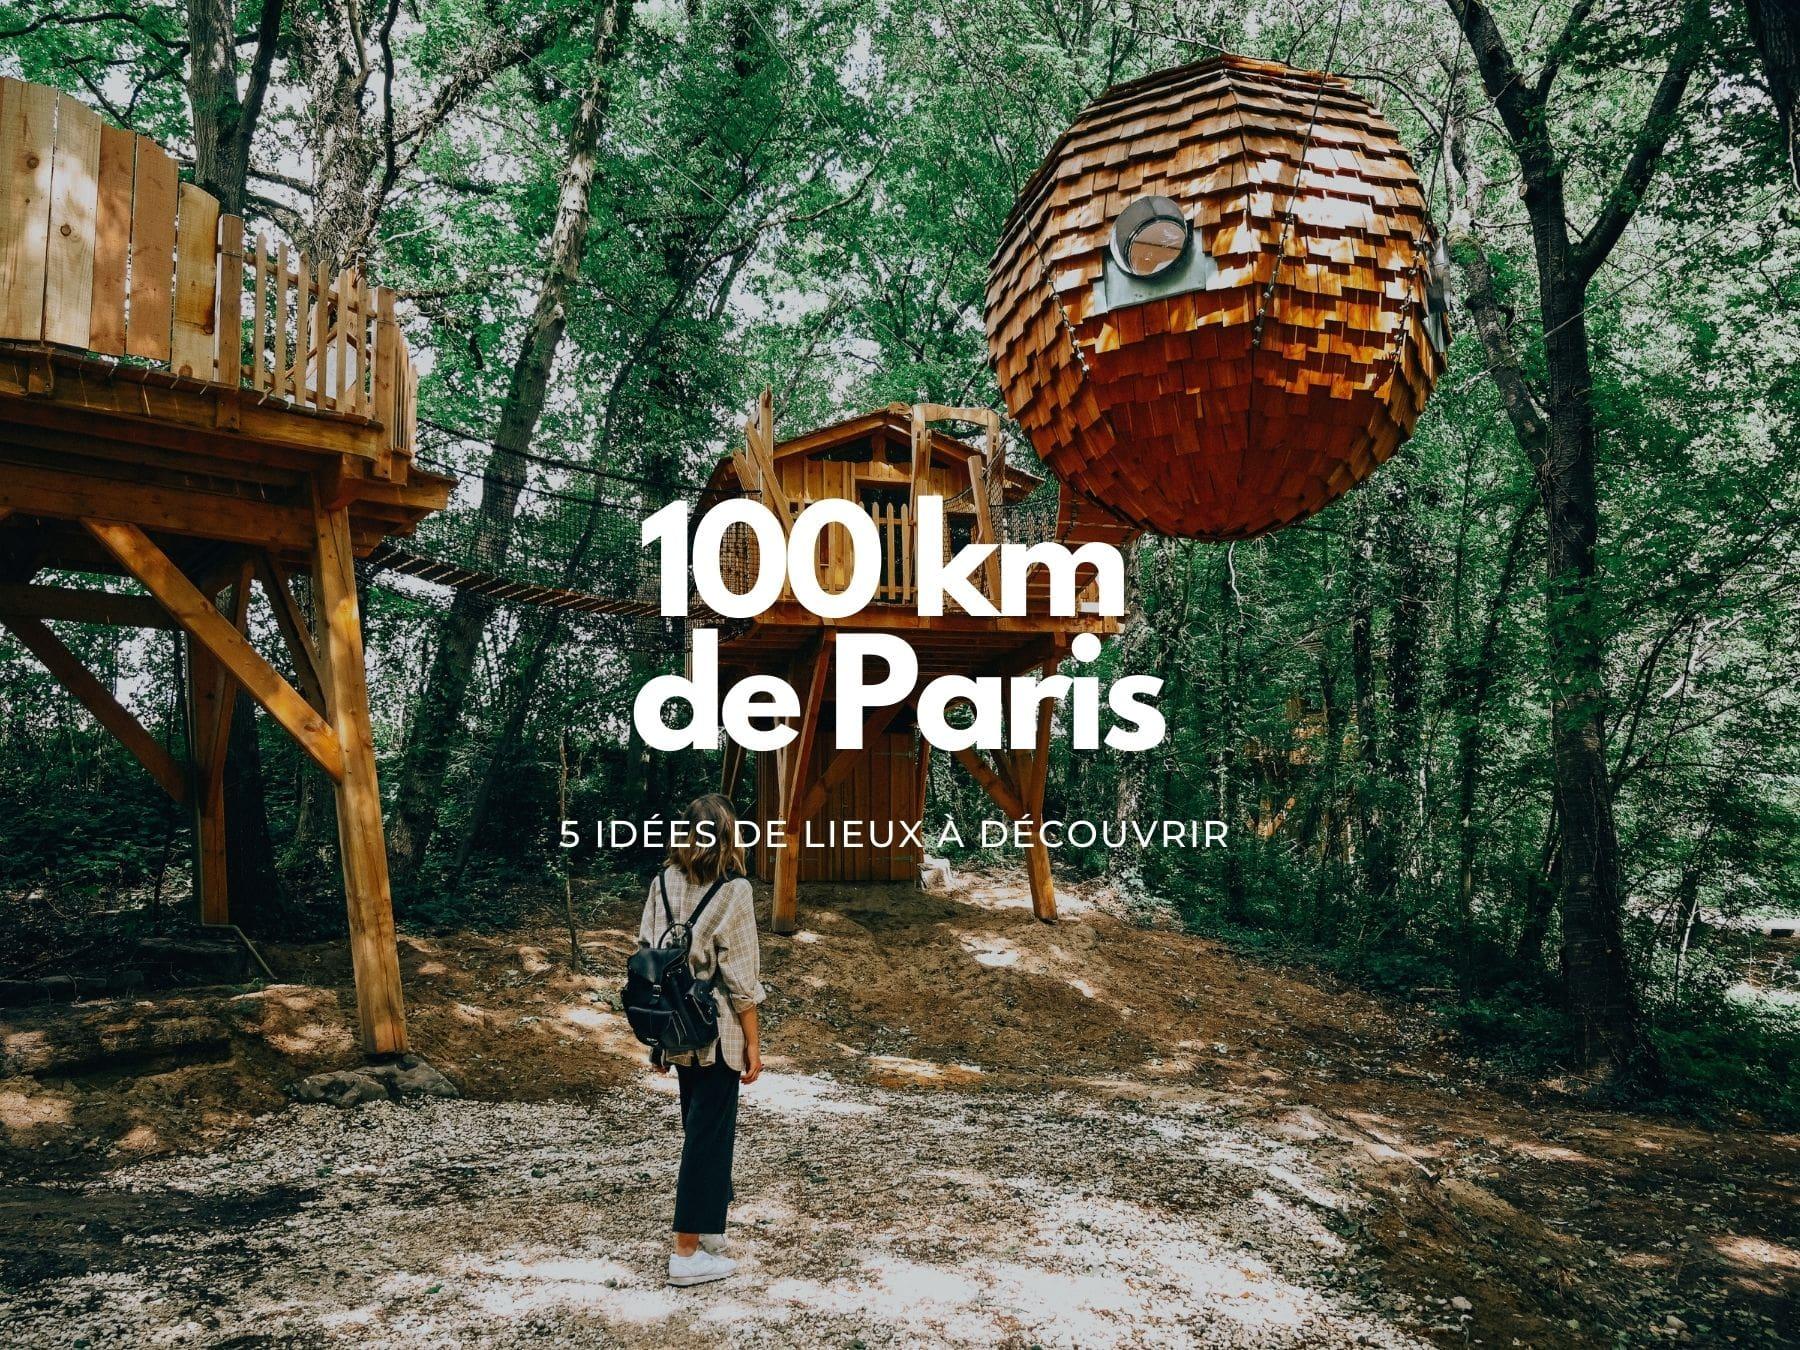 100 km de Paris